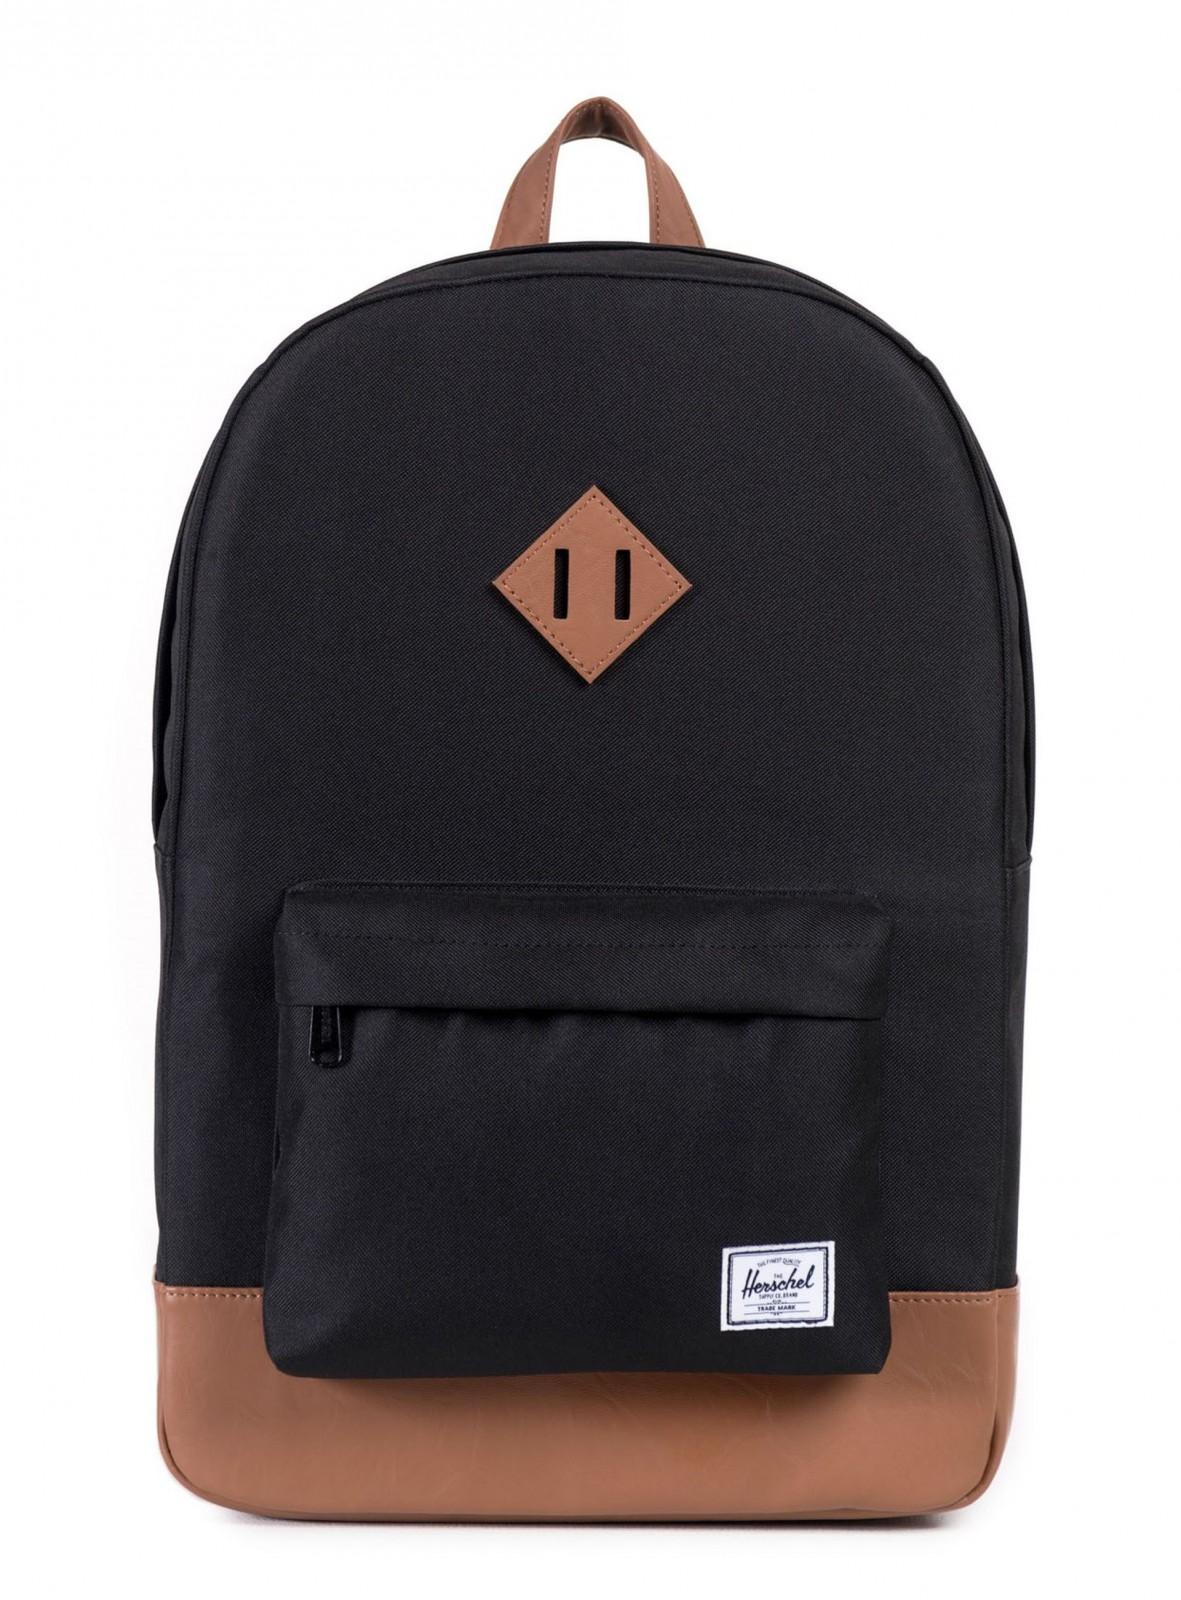 Herschel Heritage Backpack Black / Tan